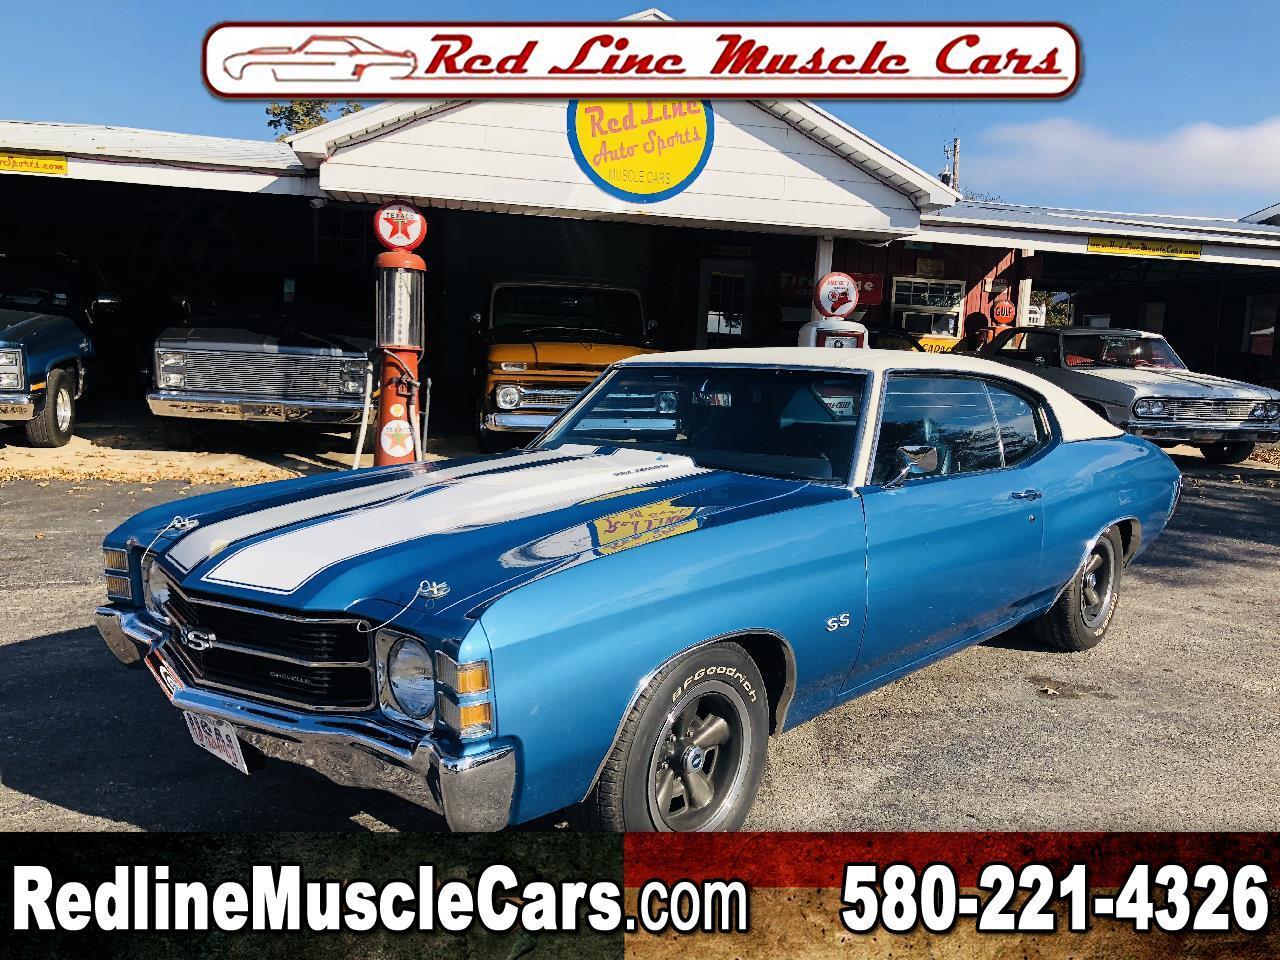 1971 Chevrolet Chevelle Malibu SS Super Sport